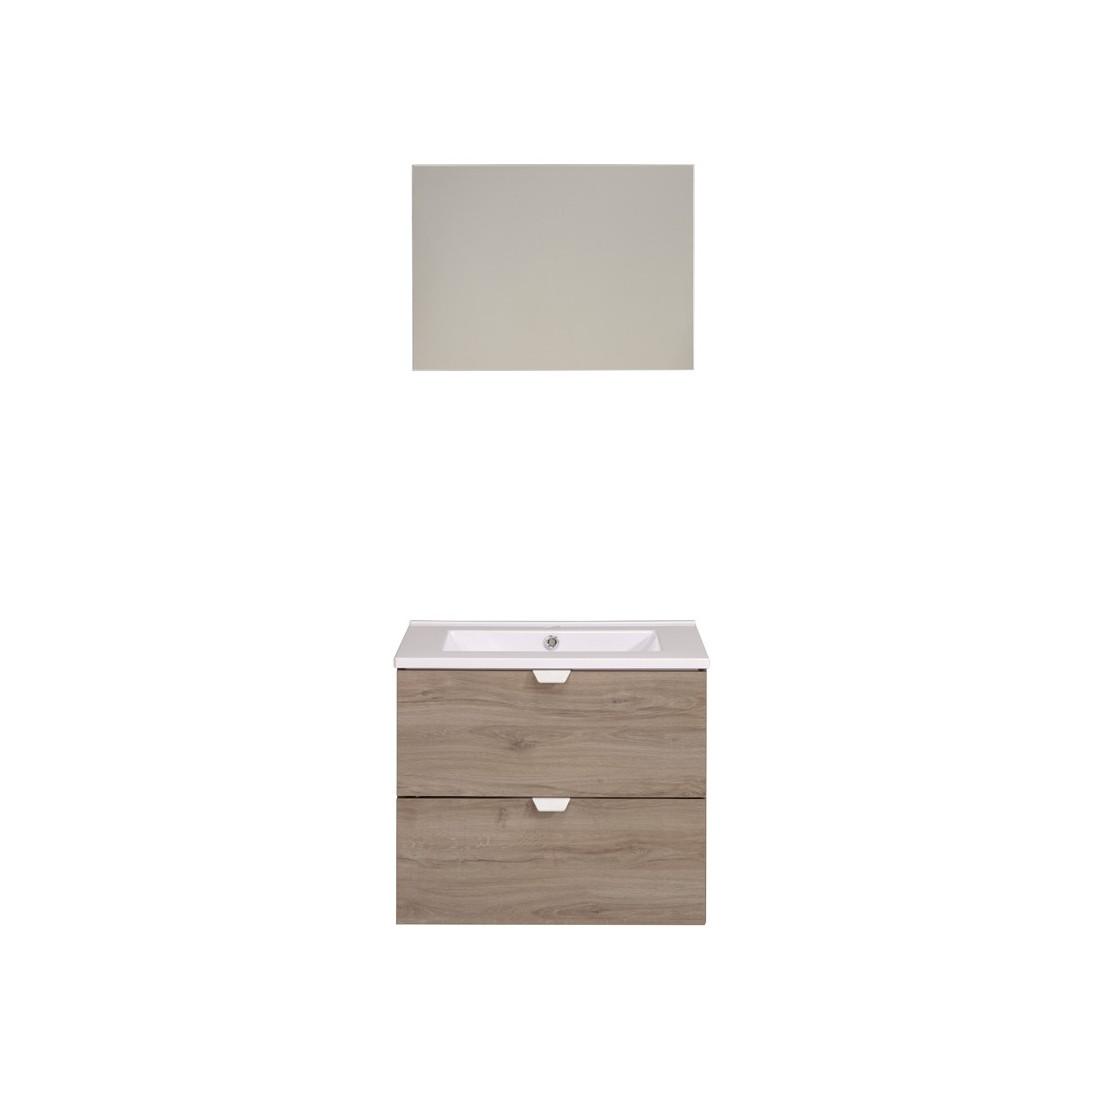 Ensemble complet meubles salle de bain uriel n 3 salle for Meuble salle de bain complet